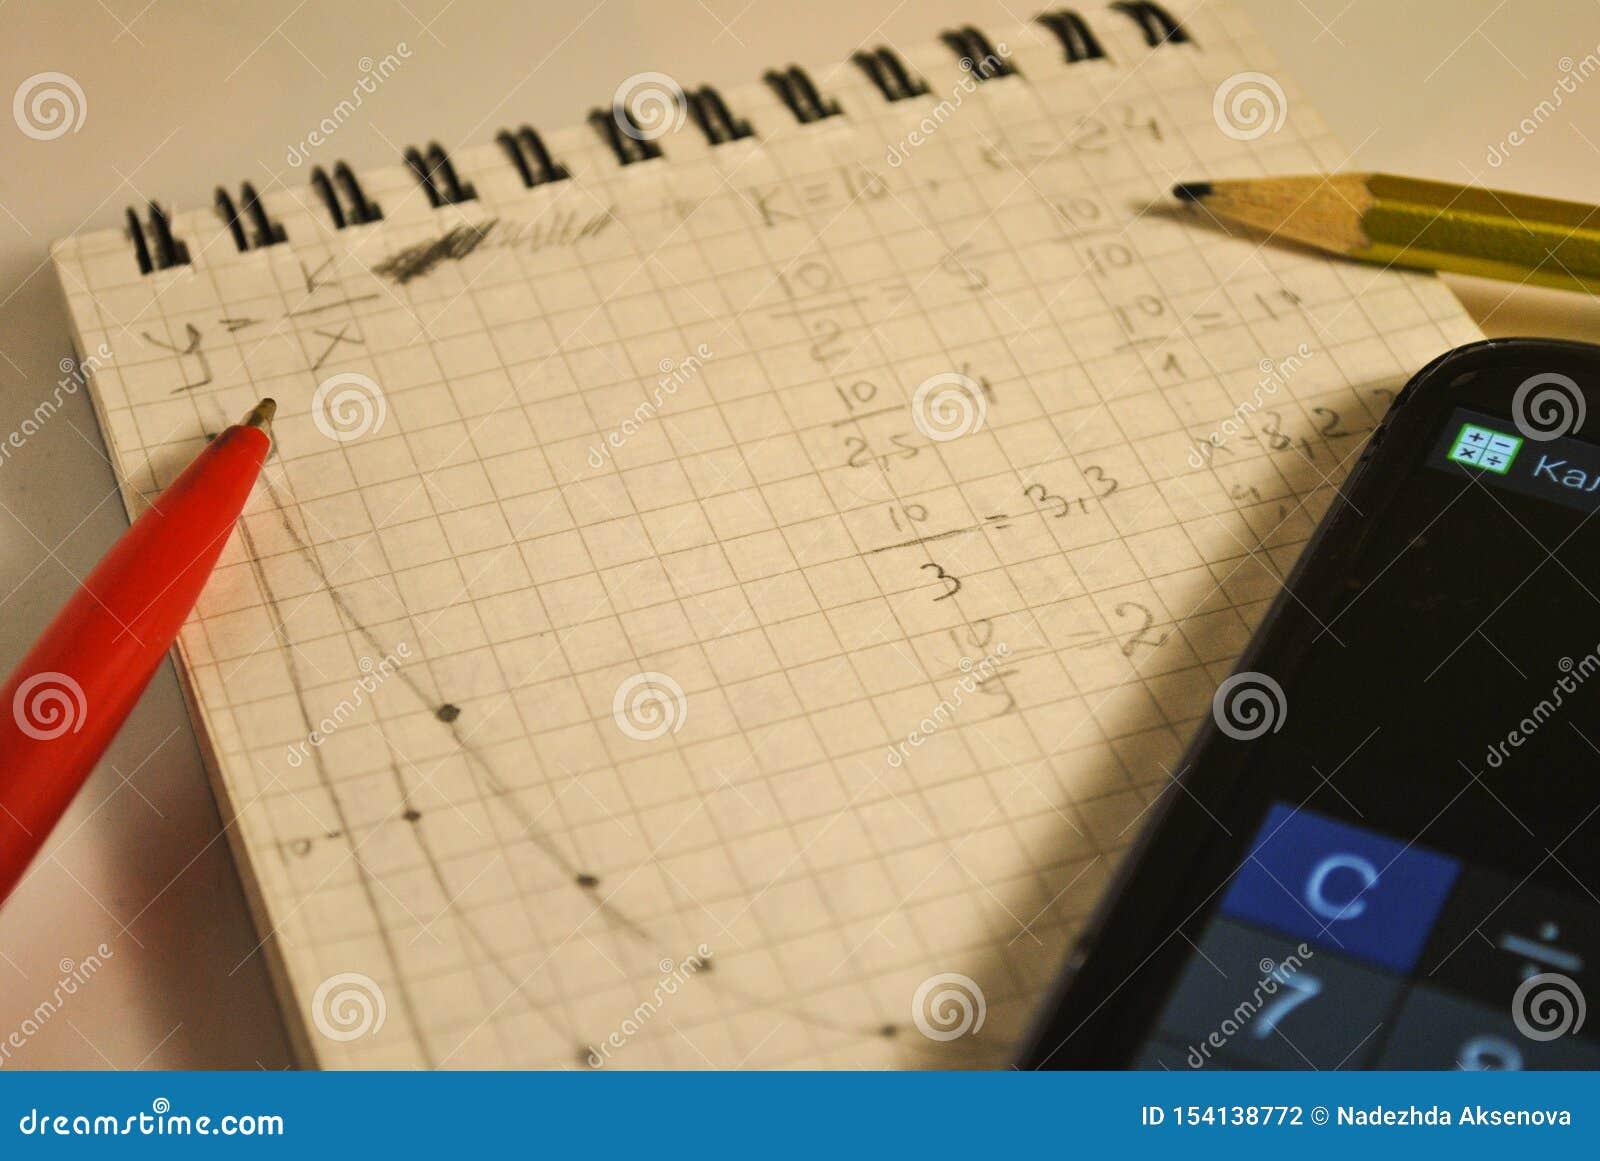 Notizbuch, Formeln, mathematische Grafiken, Hausarbeit, Handy